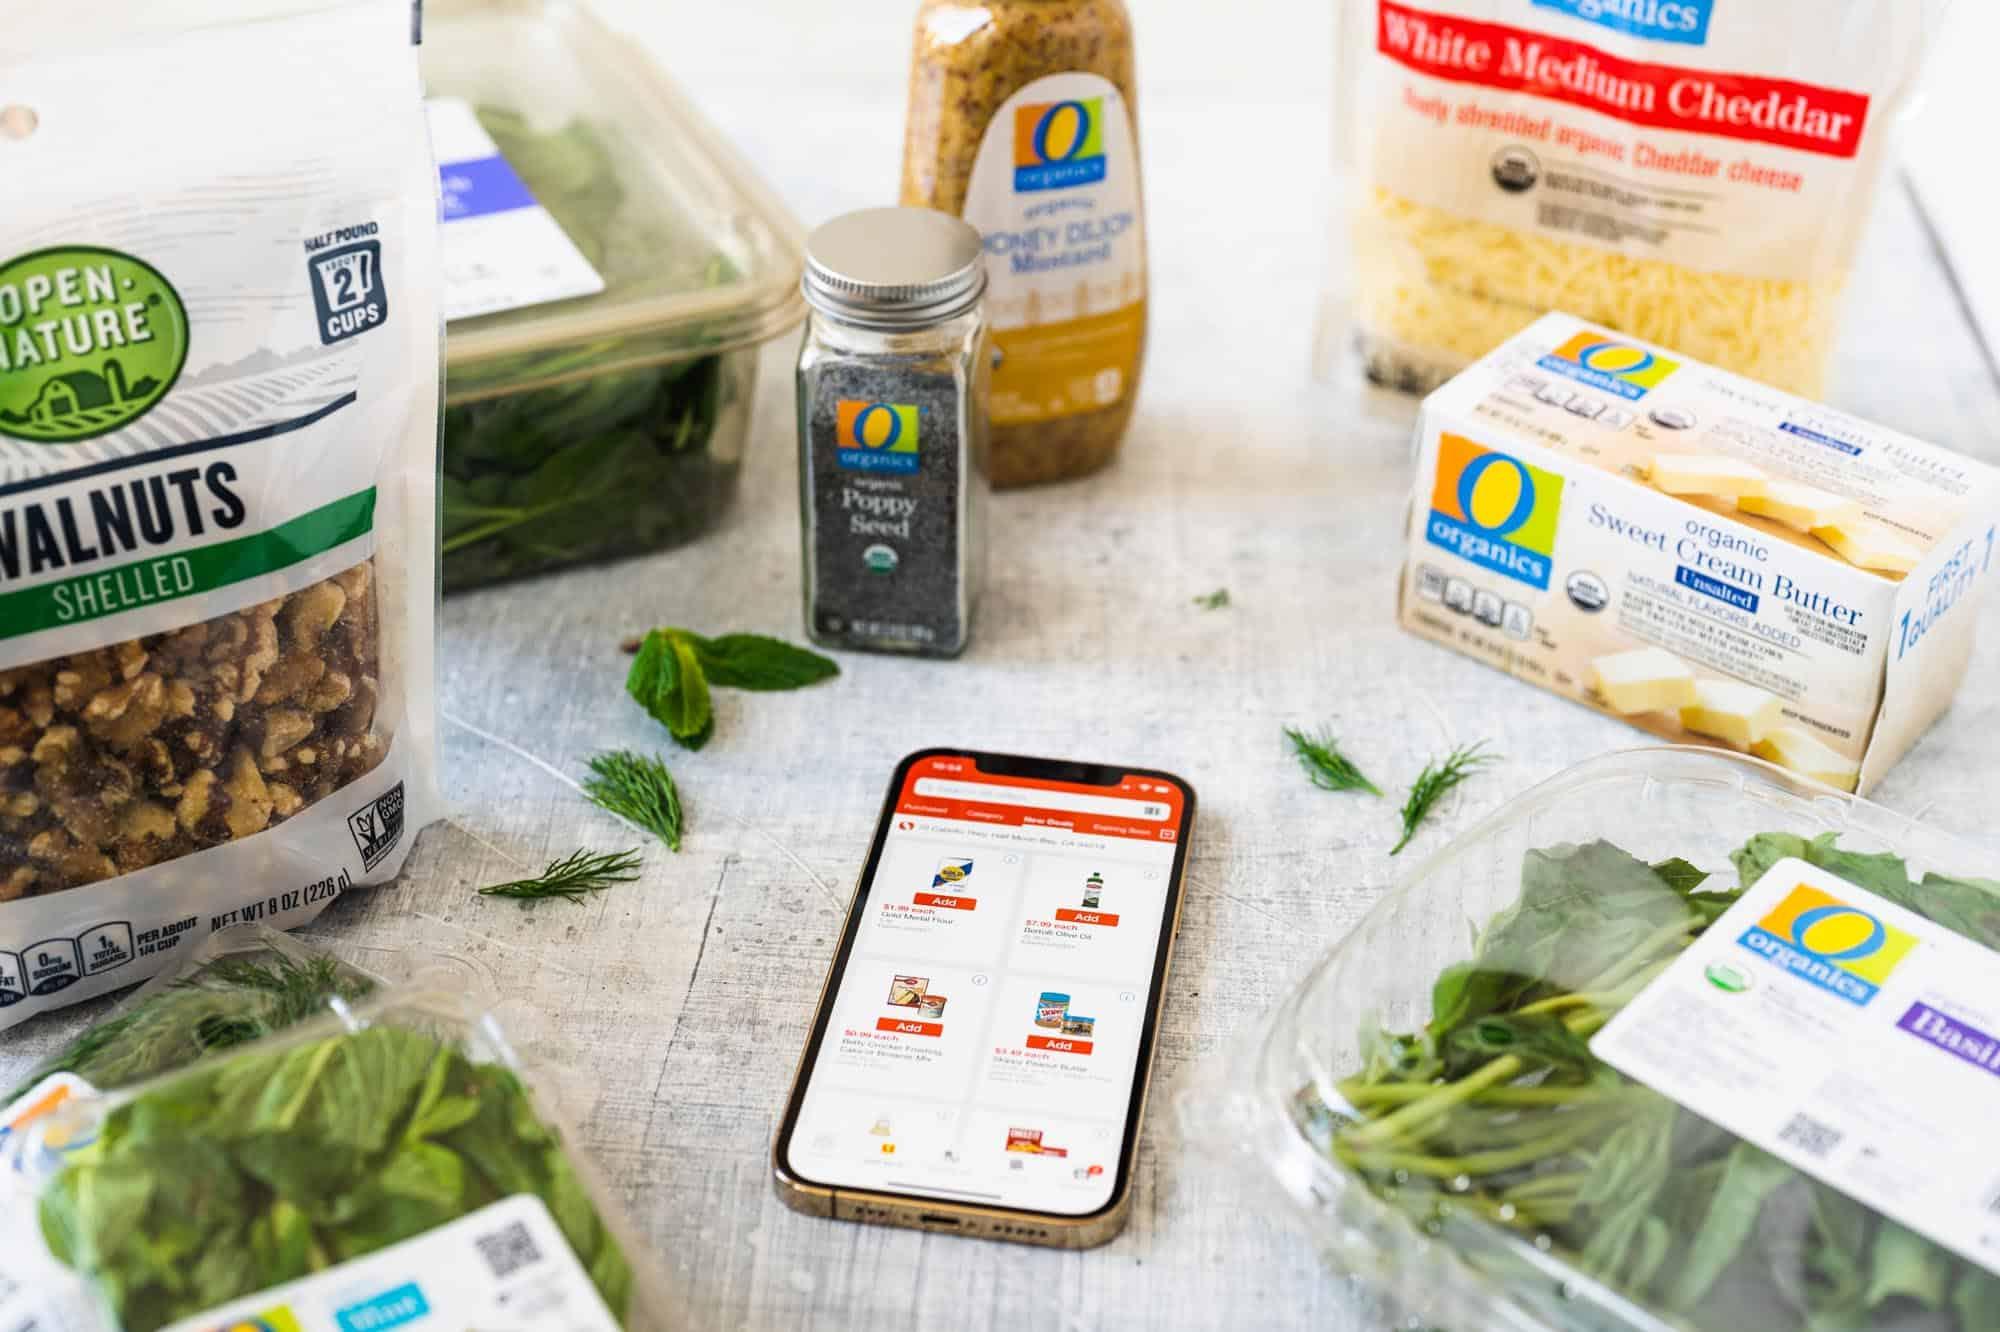 Pig and Quill Safeway Ingredients Safeway App